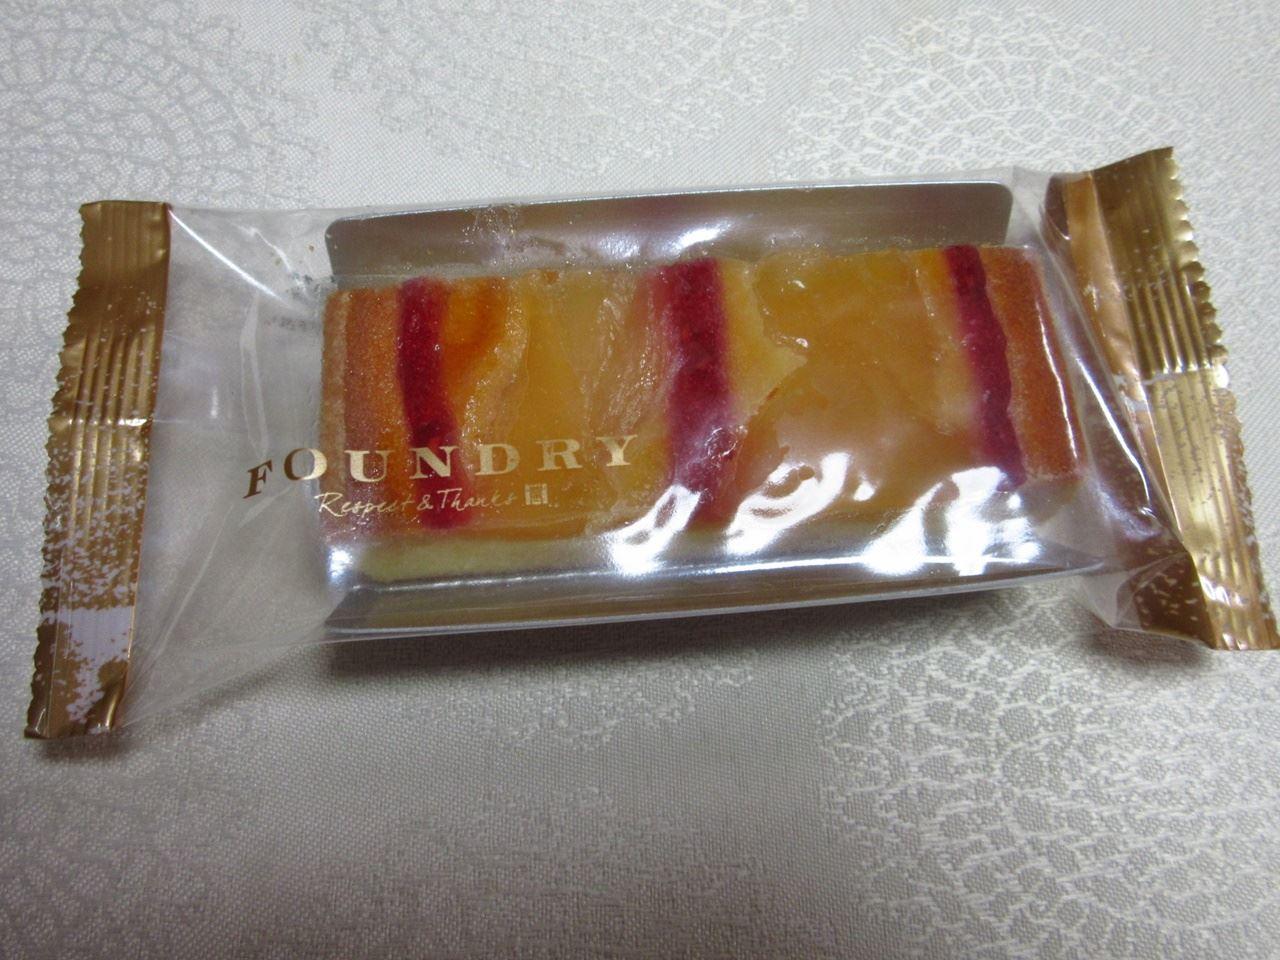 【FOUNDRY(ファウンドリー)】桃のバターサブレ